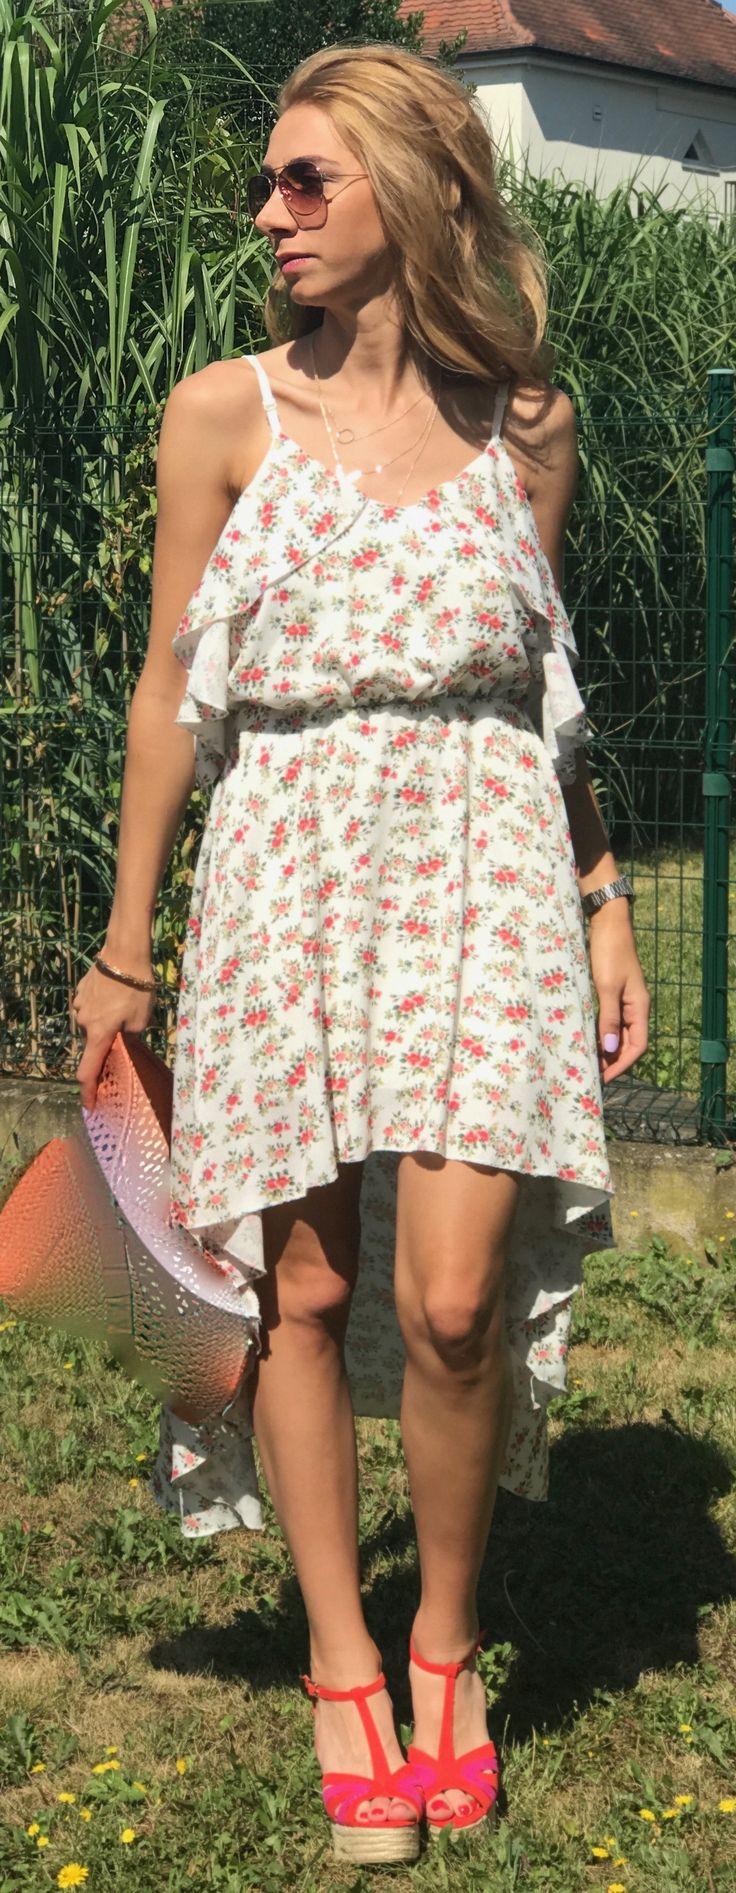 Cette saison la robe fleurie est reconduite dans tous les dressings alors on se laisse séduire par cette robe maxi asymétrique à motif fleuri! Sa coupe asymétrique, flattée par son imprimé fleuri effet mousseline de soie ainsi qu'une doublure apporte fraîcheur et élégance à votre style.  Conseils: à porter avec des sandales, plates/à talon. Un maquillage sobre ravivé d'un rouge à lèvre coloré (rose, rouge ou bordeaux) pour un look infaillible.